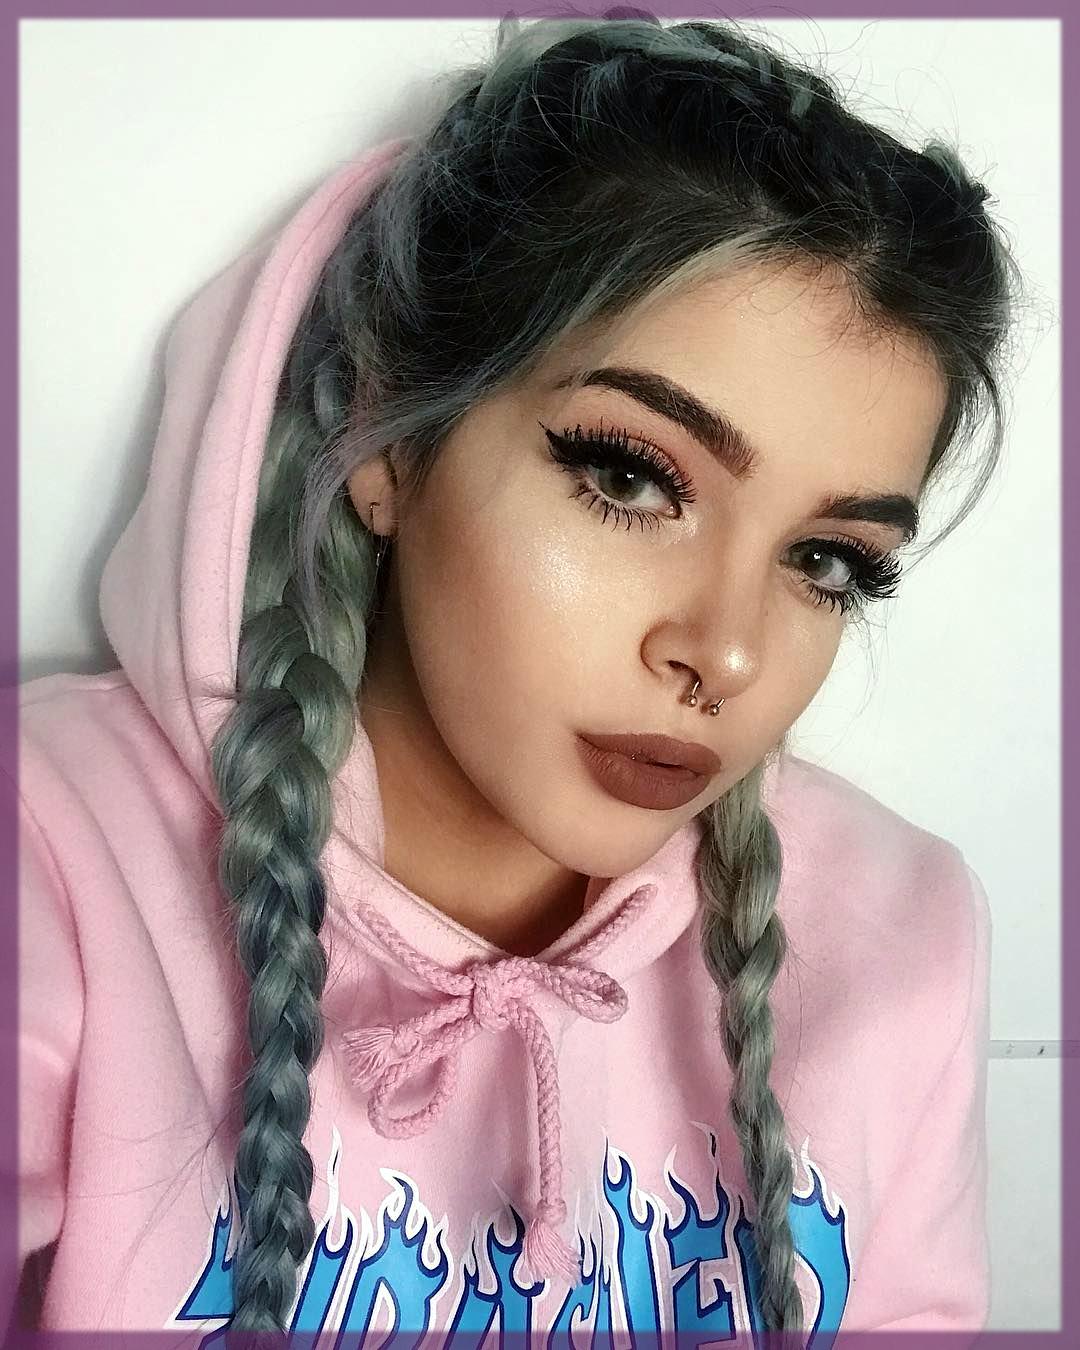 radinat winter makeup look